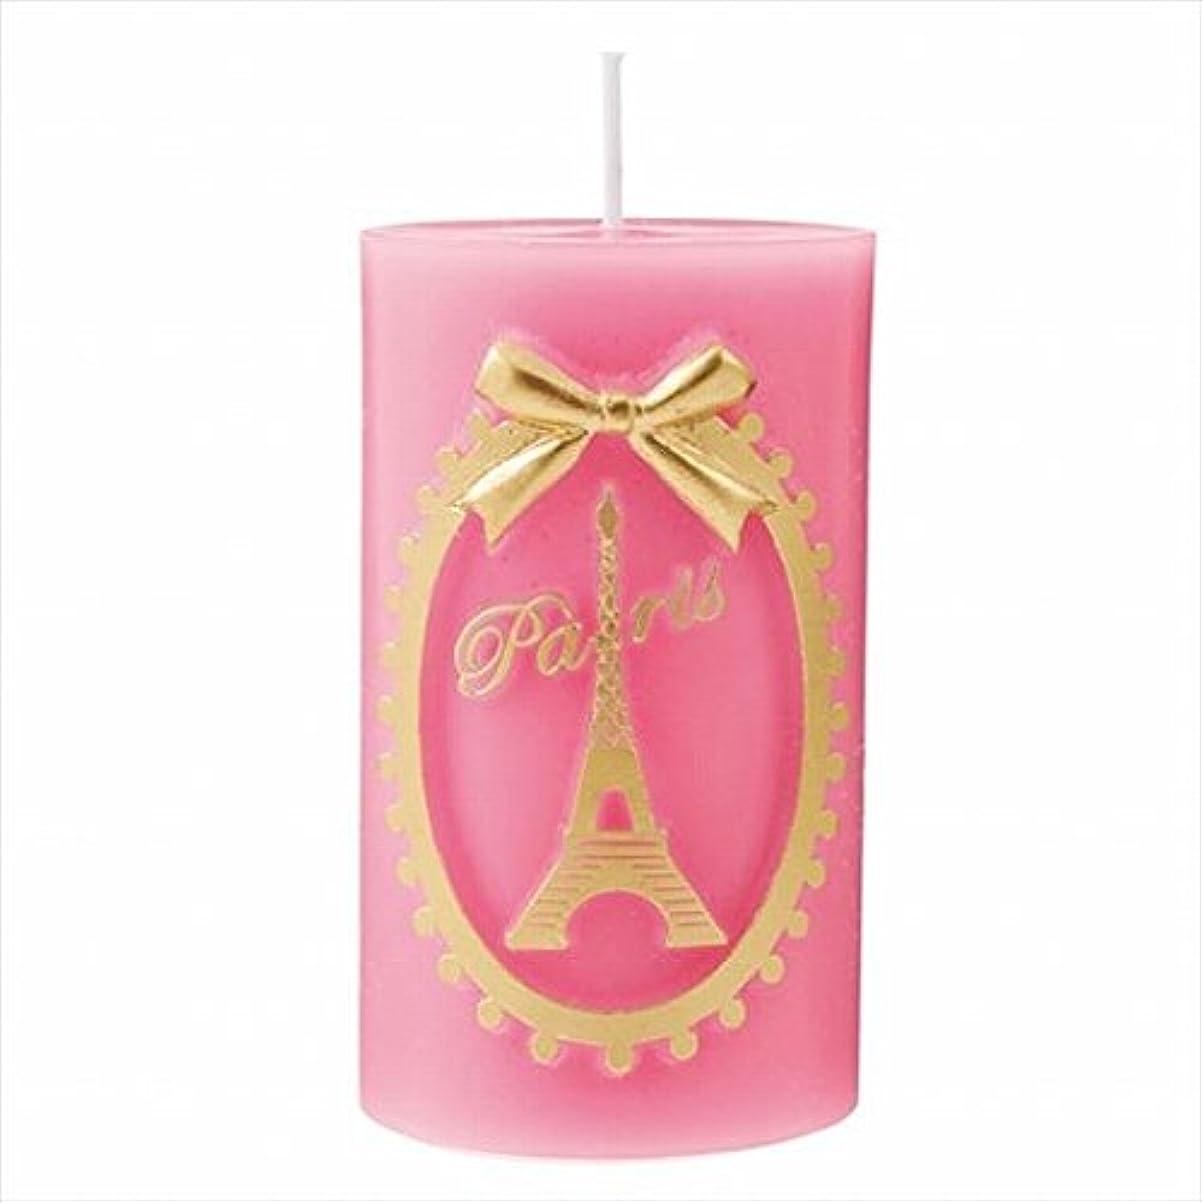 ミネラルを必要としています政治家のカメヤマキャンドル( kameyama candle ) エッフェル塔ピラー 「 ピンク 」